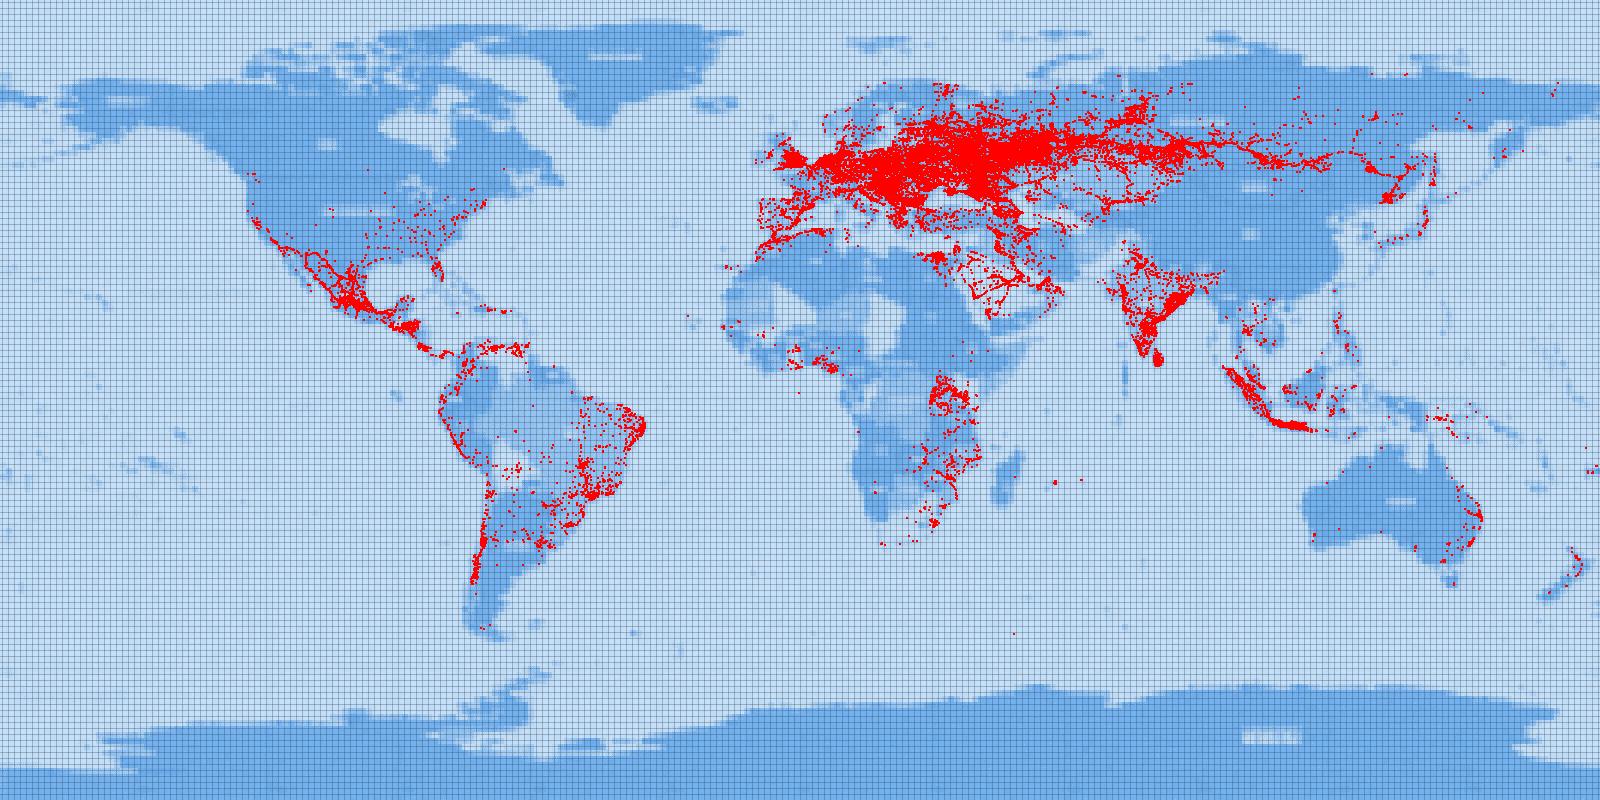 wdc_units_map_large